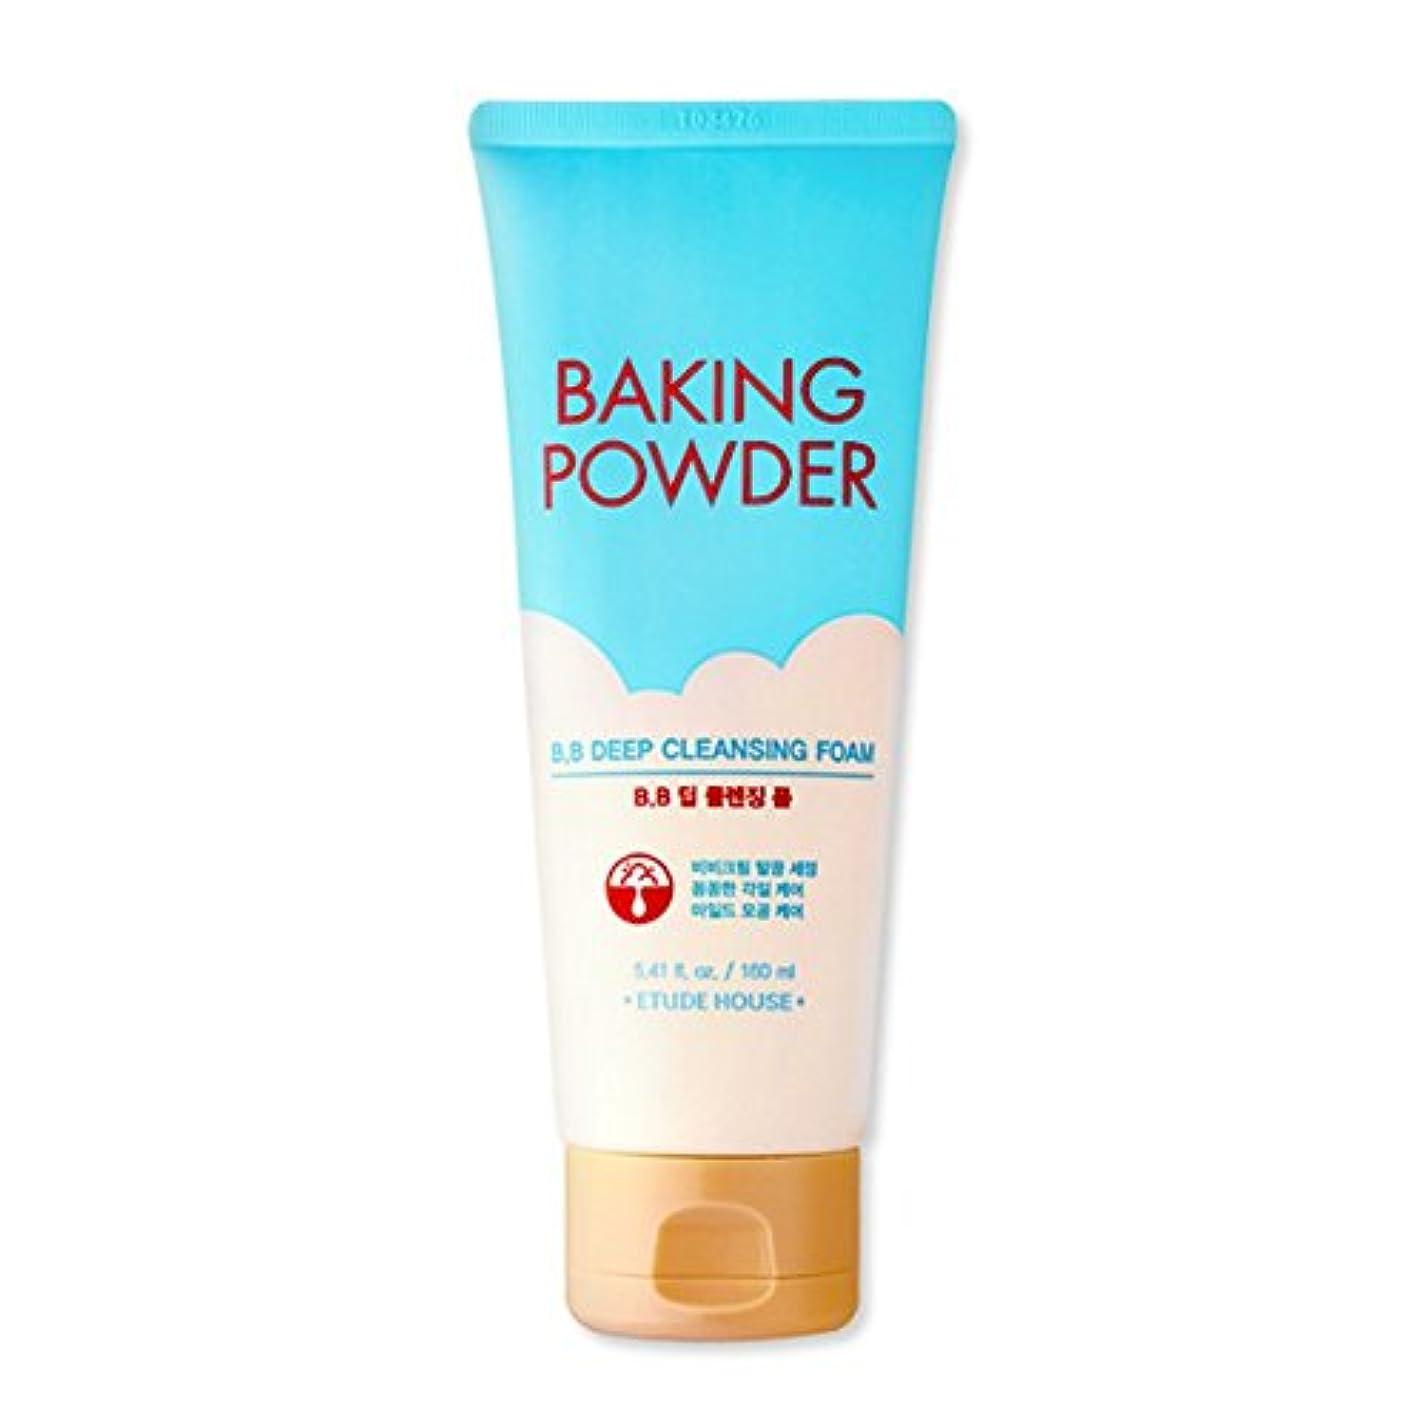 増強する波紋クライストチャーチ[2016 Upgrade!] ETUDE HOUSE Baking Powder B.B Deep Cleansing Foam 160ml/エチュードハウス ベーキング パウダー B.B ディープ クレンジング フォーム...